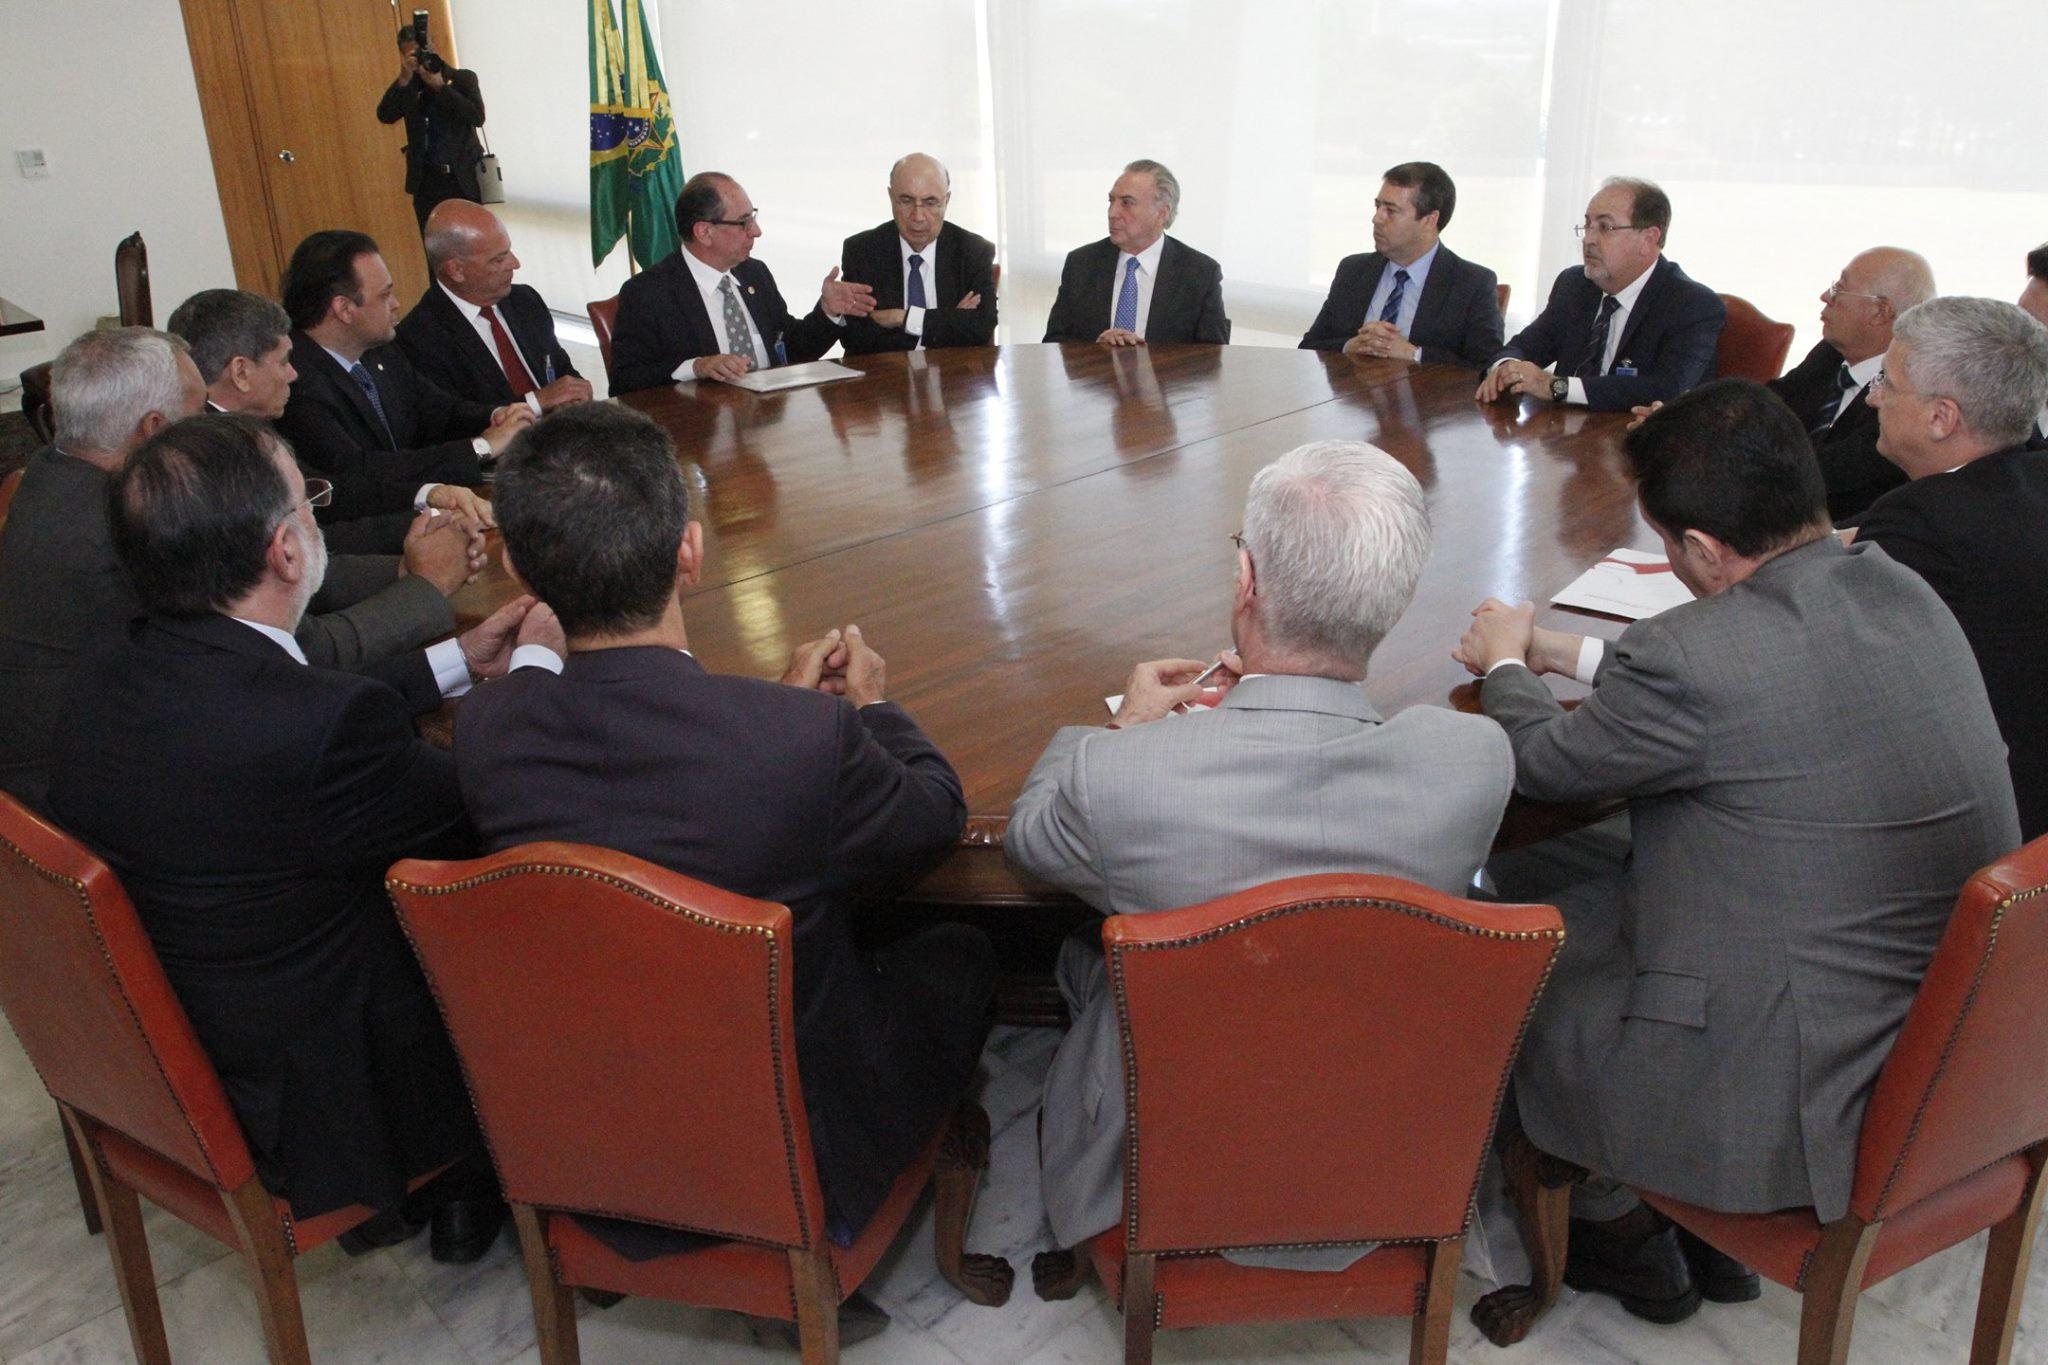 Roberto Santiago e dirigentes da UGT se reúnem com Temer para discutir nova legislação trabalhista